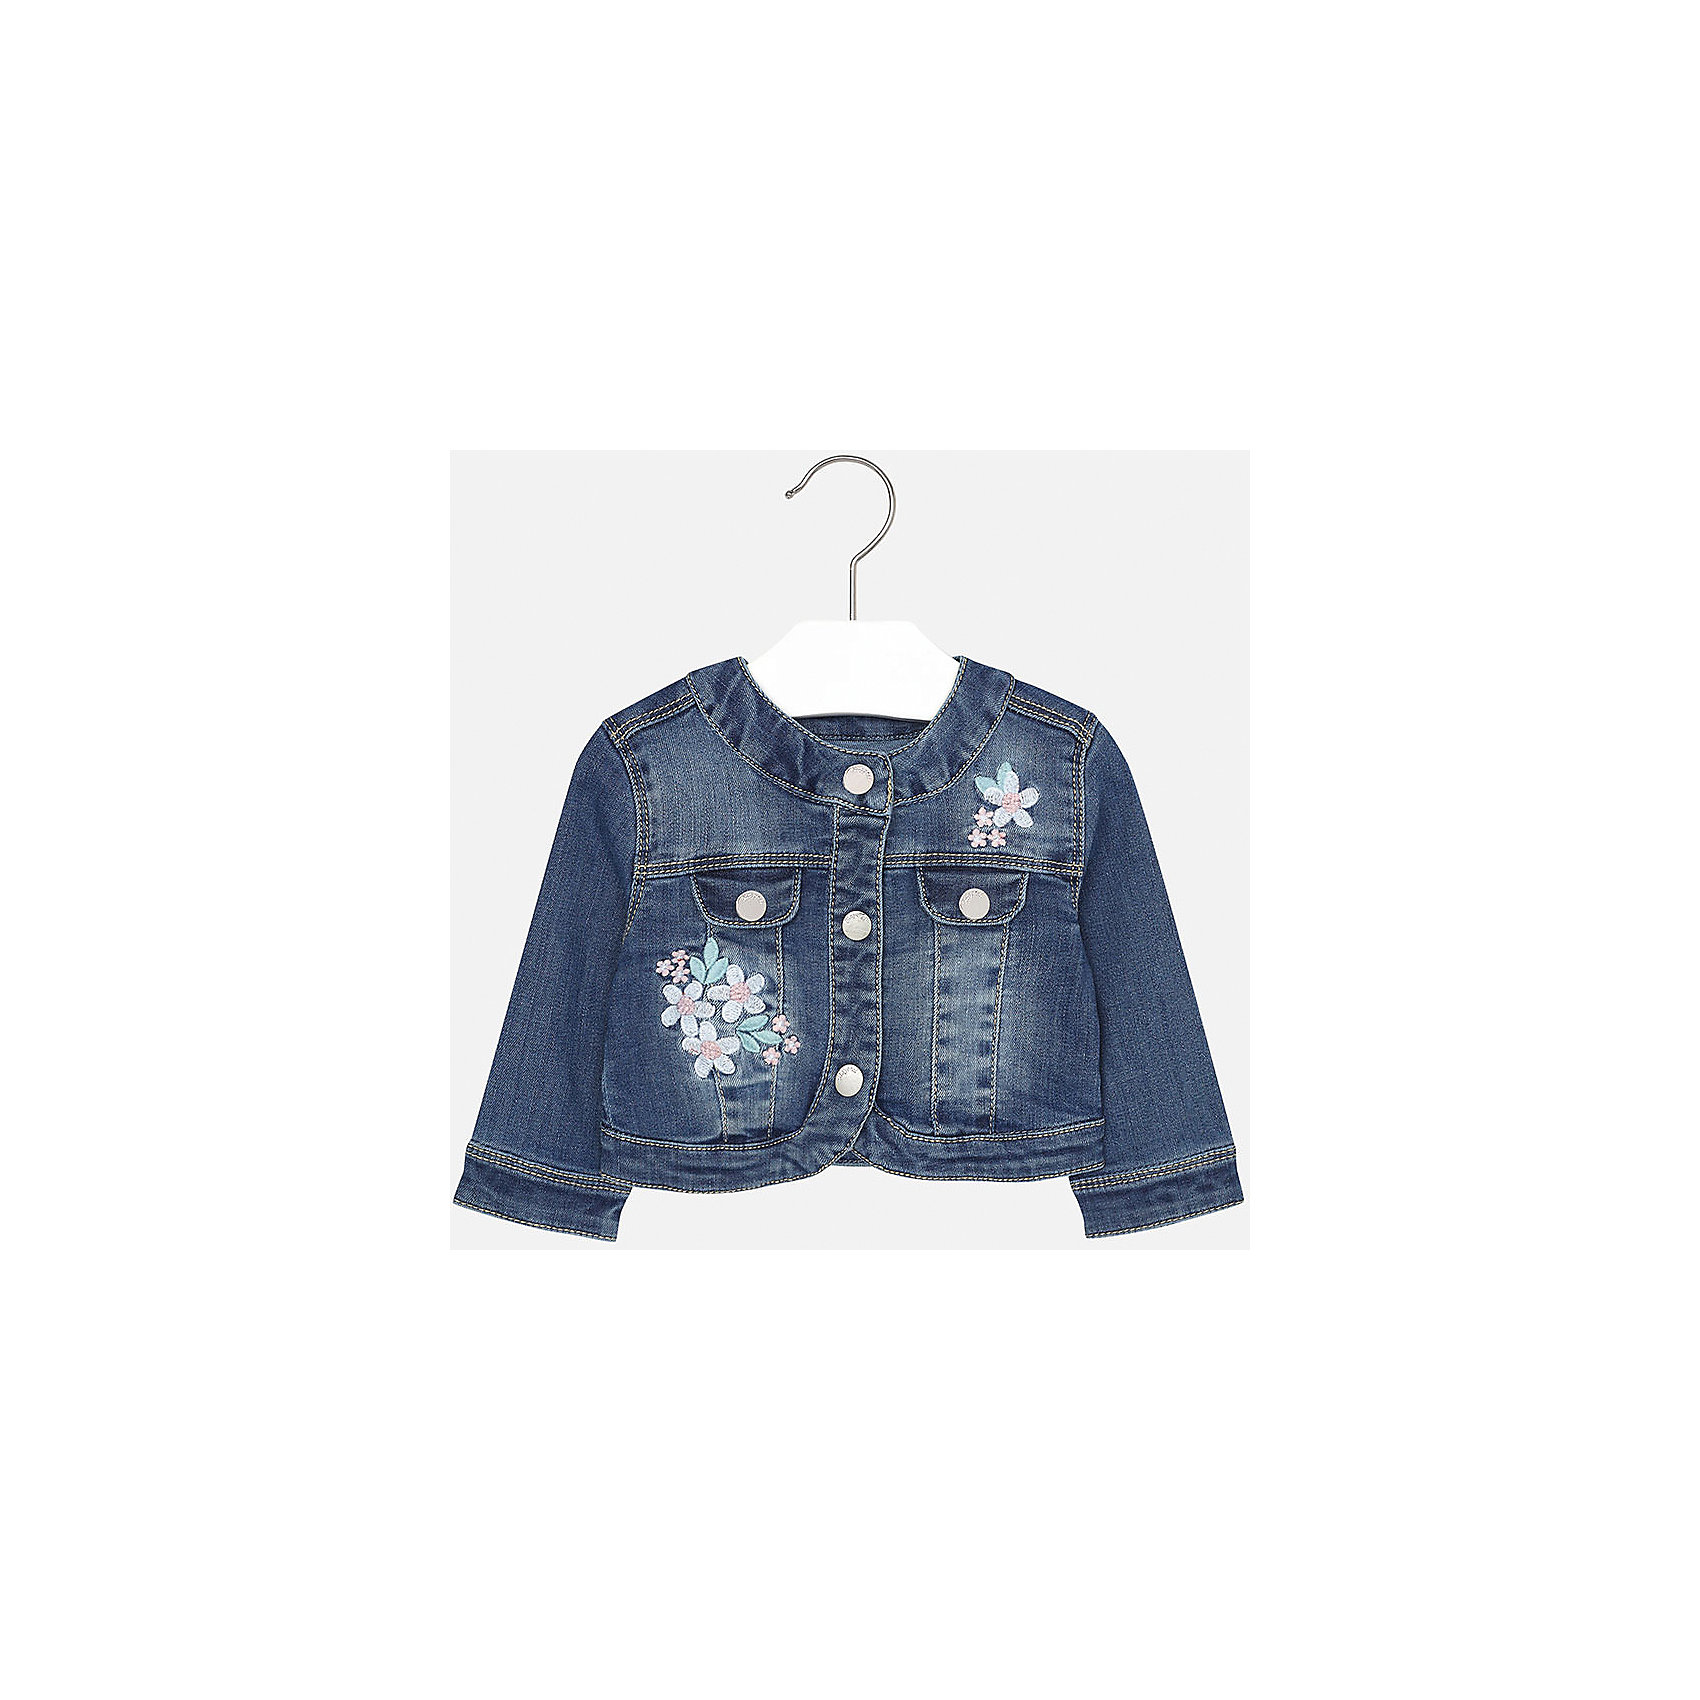 Куртка джинсовая для девочки MayoralДжинсовая одежда<br>Куртка для девочки от известной испанской марки Mayoral.<br><br>Ширина мм: 356<br>Глубина мм: 10<br>Высота мм: 245<br>Вес г: 519<br>Цвет: разноцветный<br>Возраст от месяцев: 18<br>Возраст до месяцев: 24<br>Пол: Женский<br>Возраст: Детский<br>Размер: 92,74,80,86<br>SKU: 5288941